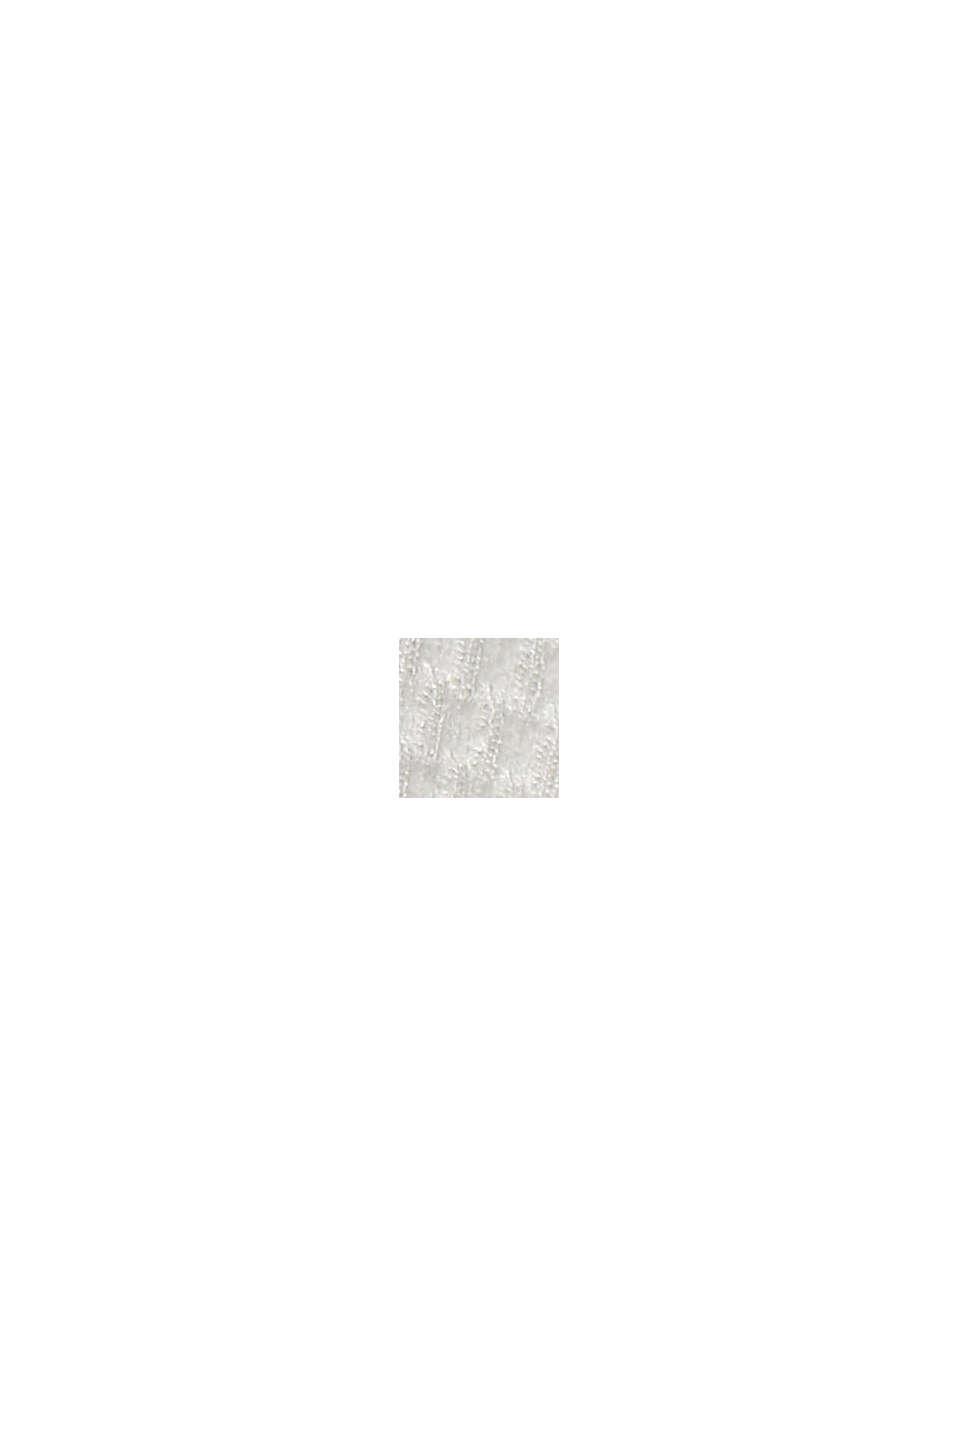 Gestructureerd sweatshirt met korte mouwen, OFF WHITE, swatch